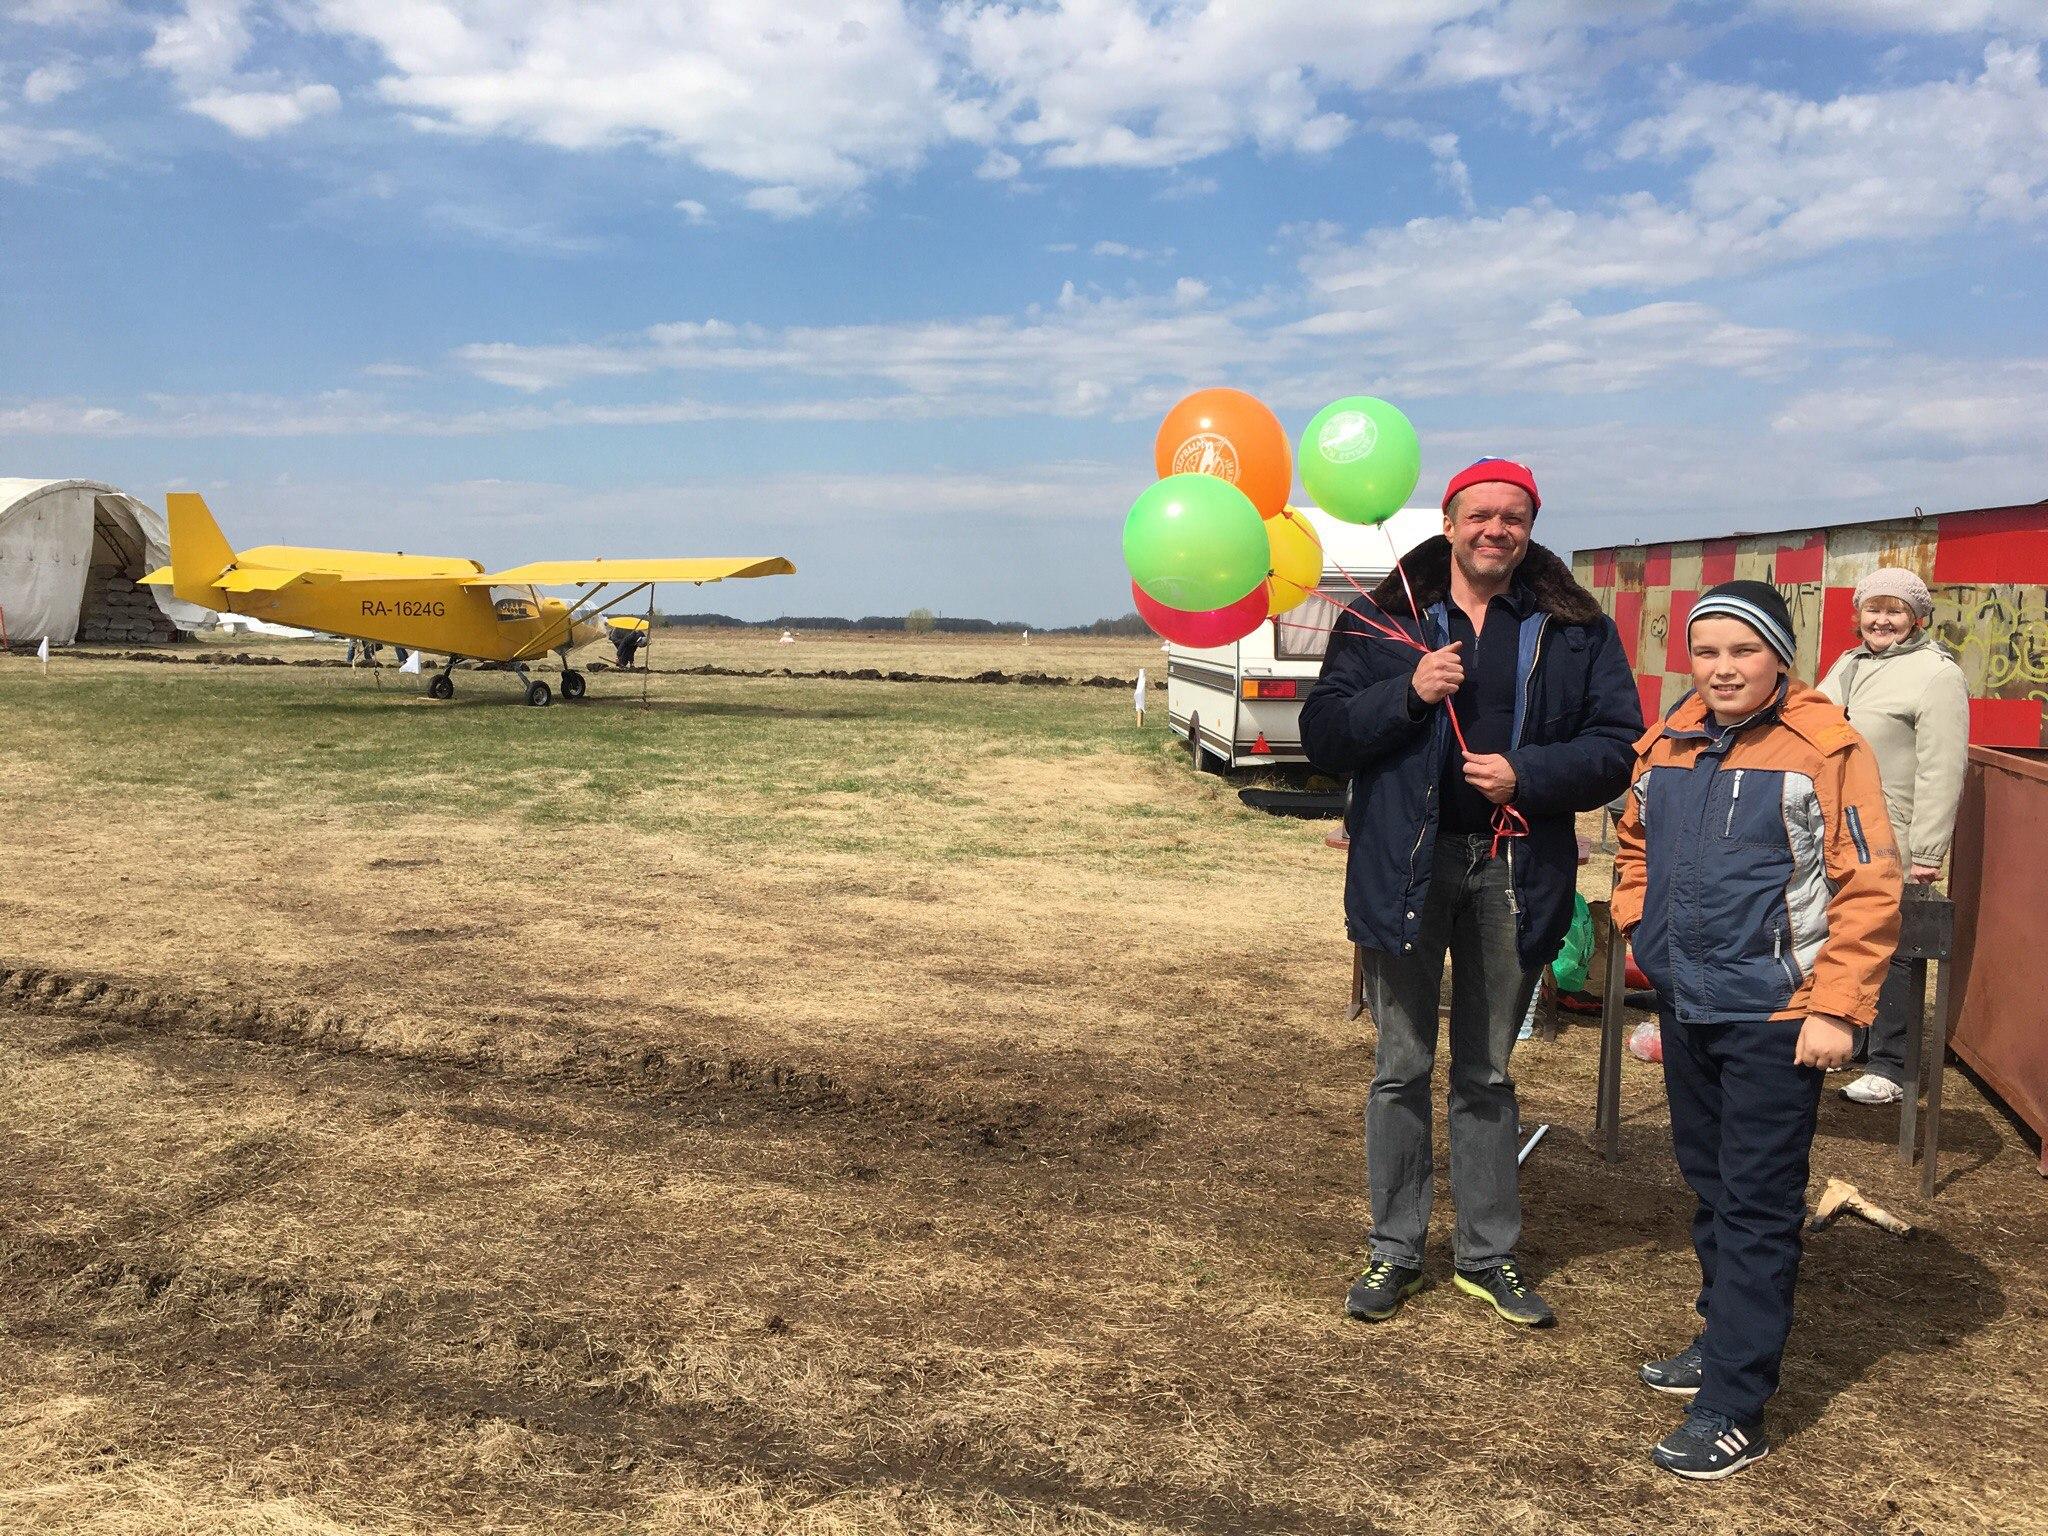 Год в Туринской Слободе: тюменские авиаспортсмены отметили первый День Рождения нового аэродрома 7